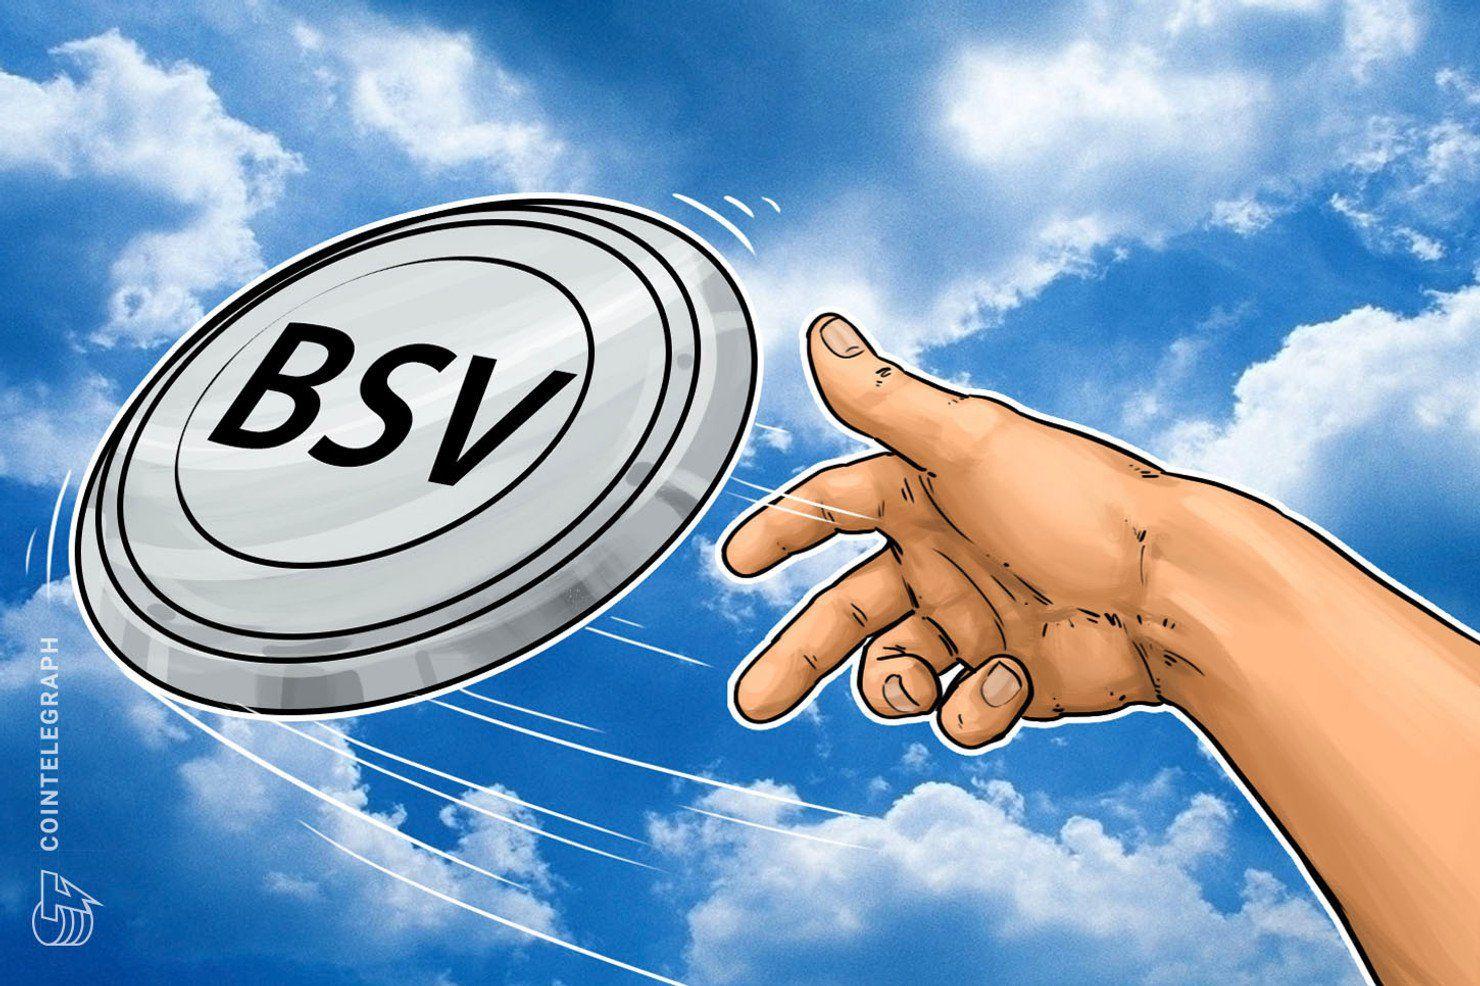 ShapeShift to Delist Bitcoin SV, Kraken Considers